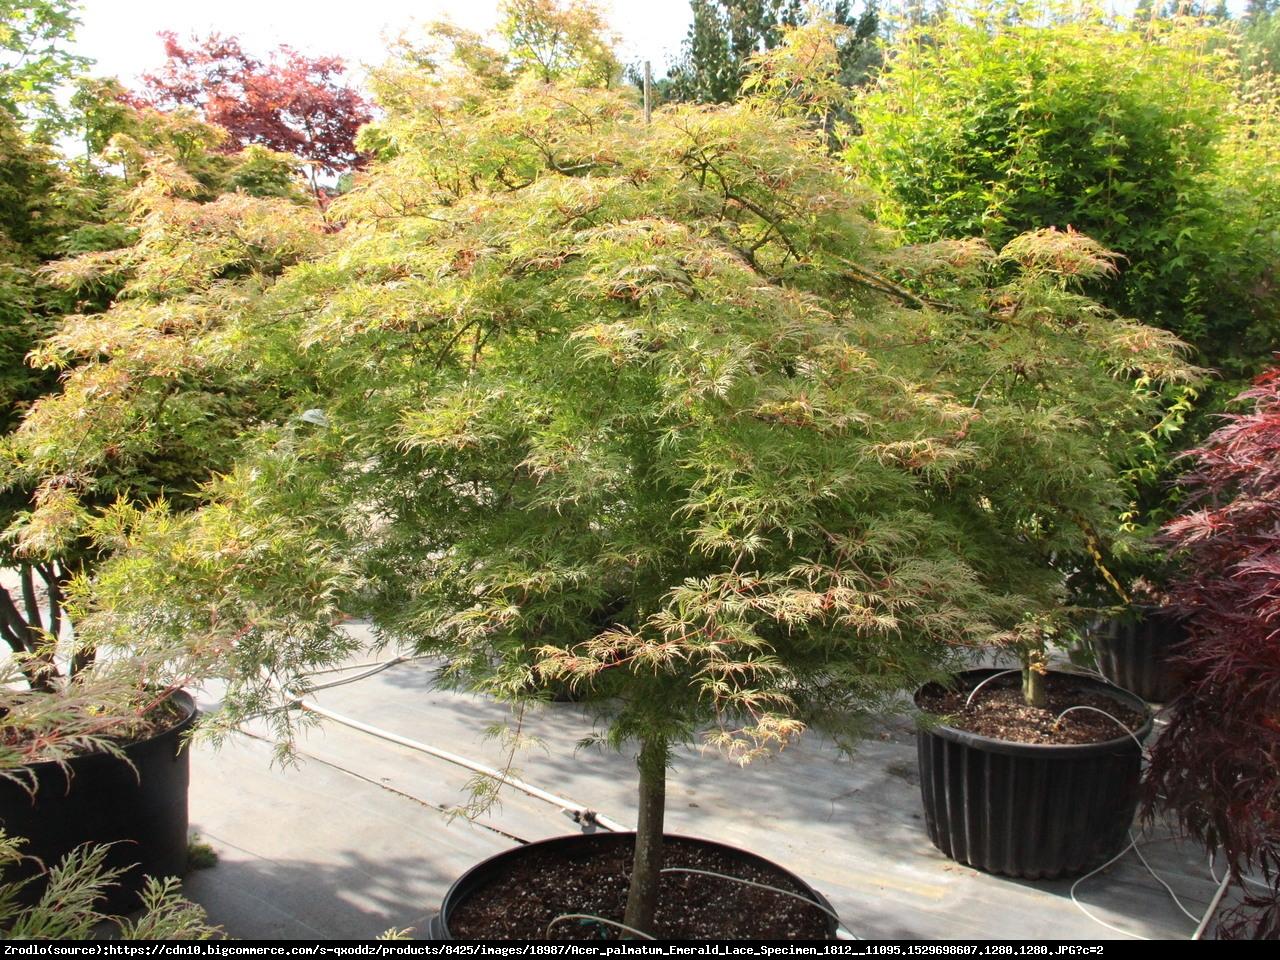 Klon palmowy Emerald Lace - Acer palmatum Emerald Lace